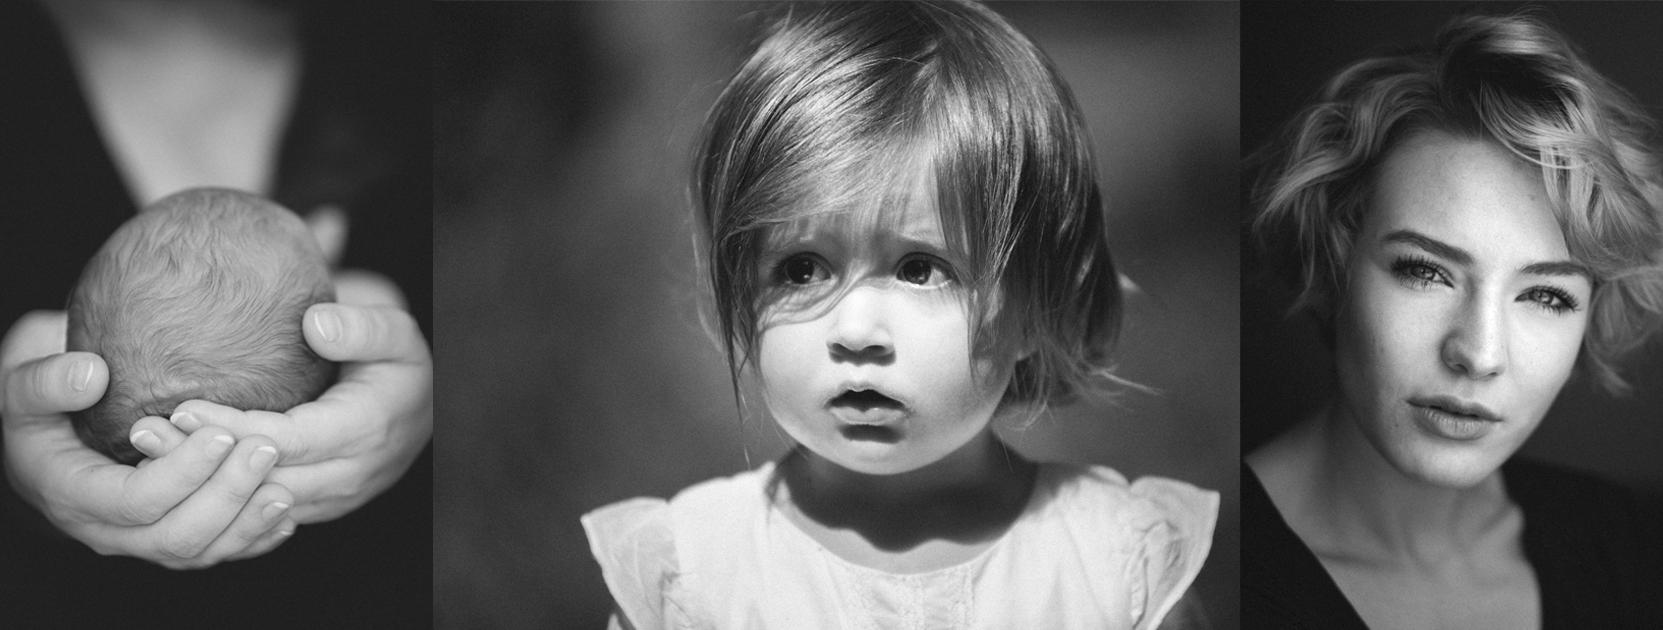 Spezilaisierung Newbornfotografie, Kinderfotografie Portraitfotografie